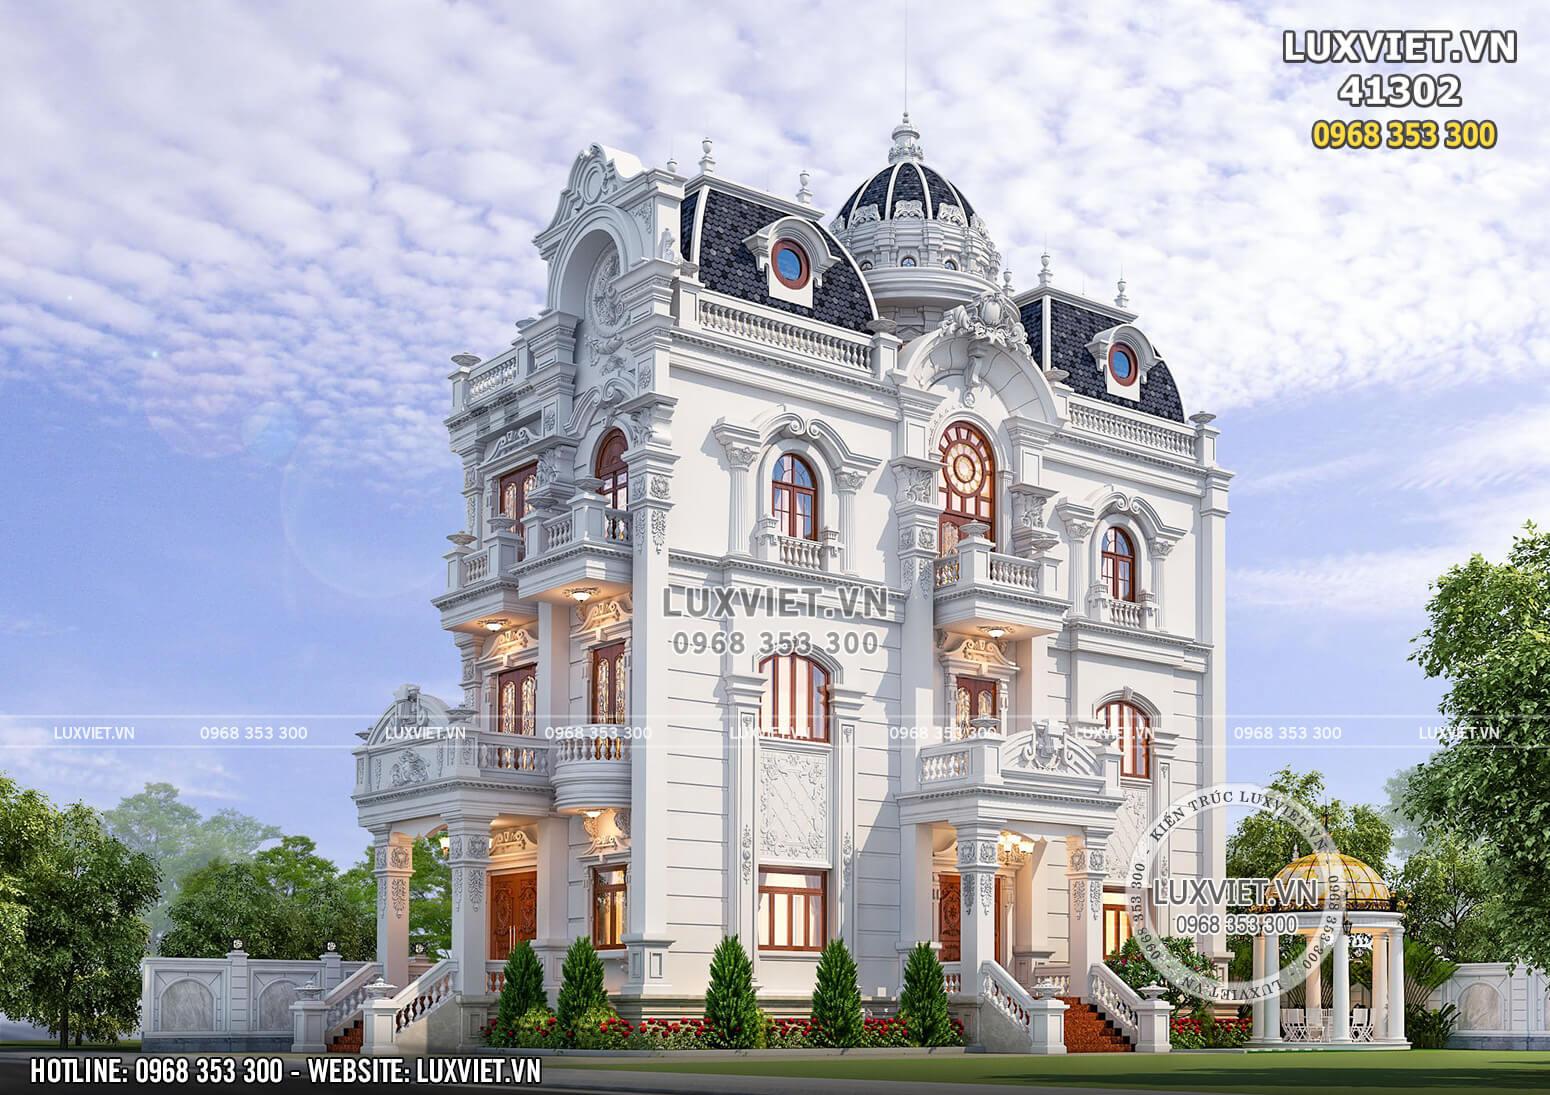 Biệt thự tân cổ điển 4 tầng đẹp mặt tiền 9m - LV 41302